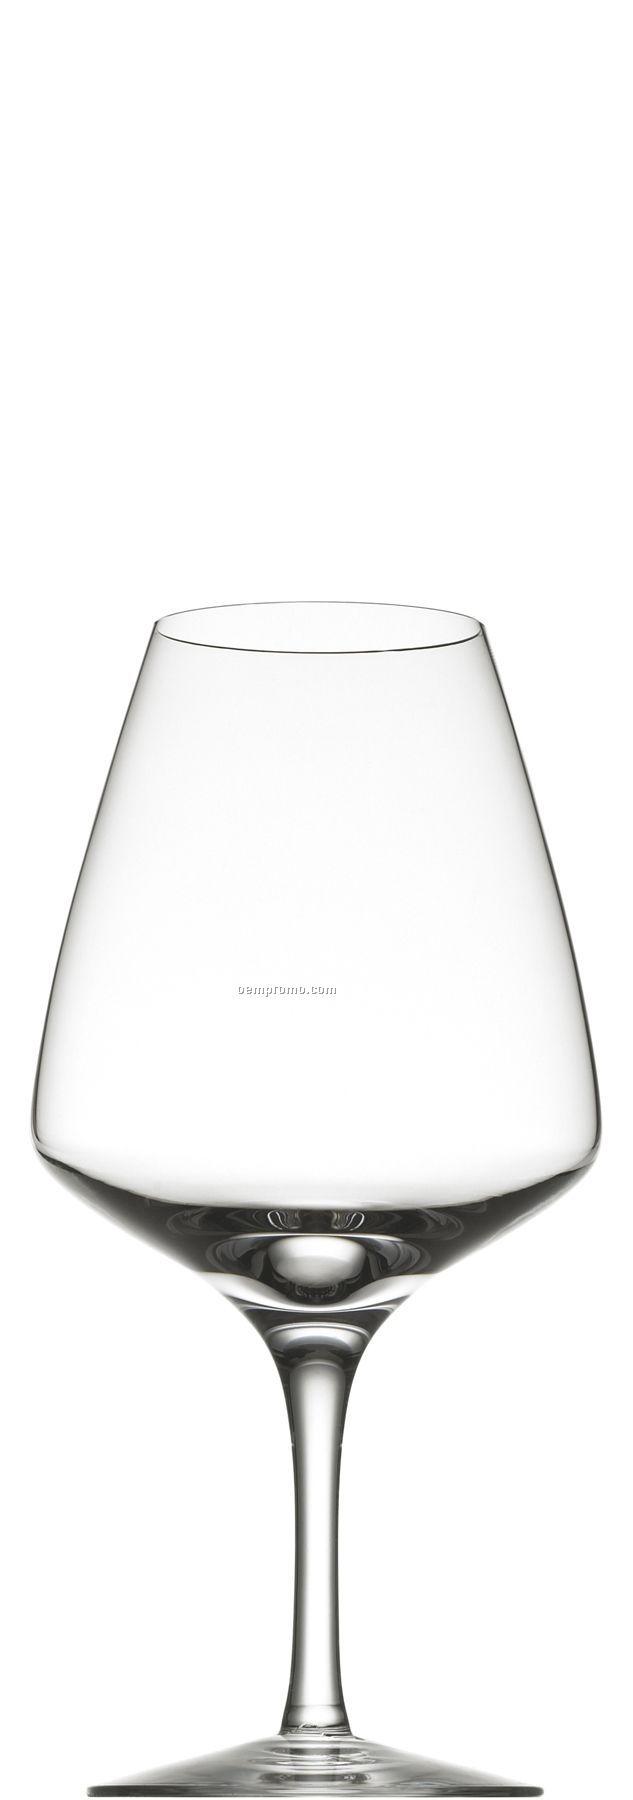 Jazz Me Crystal Goblet Glass W/ Symmetrical Bowl & Stem